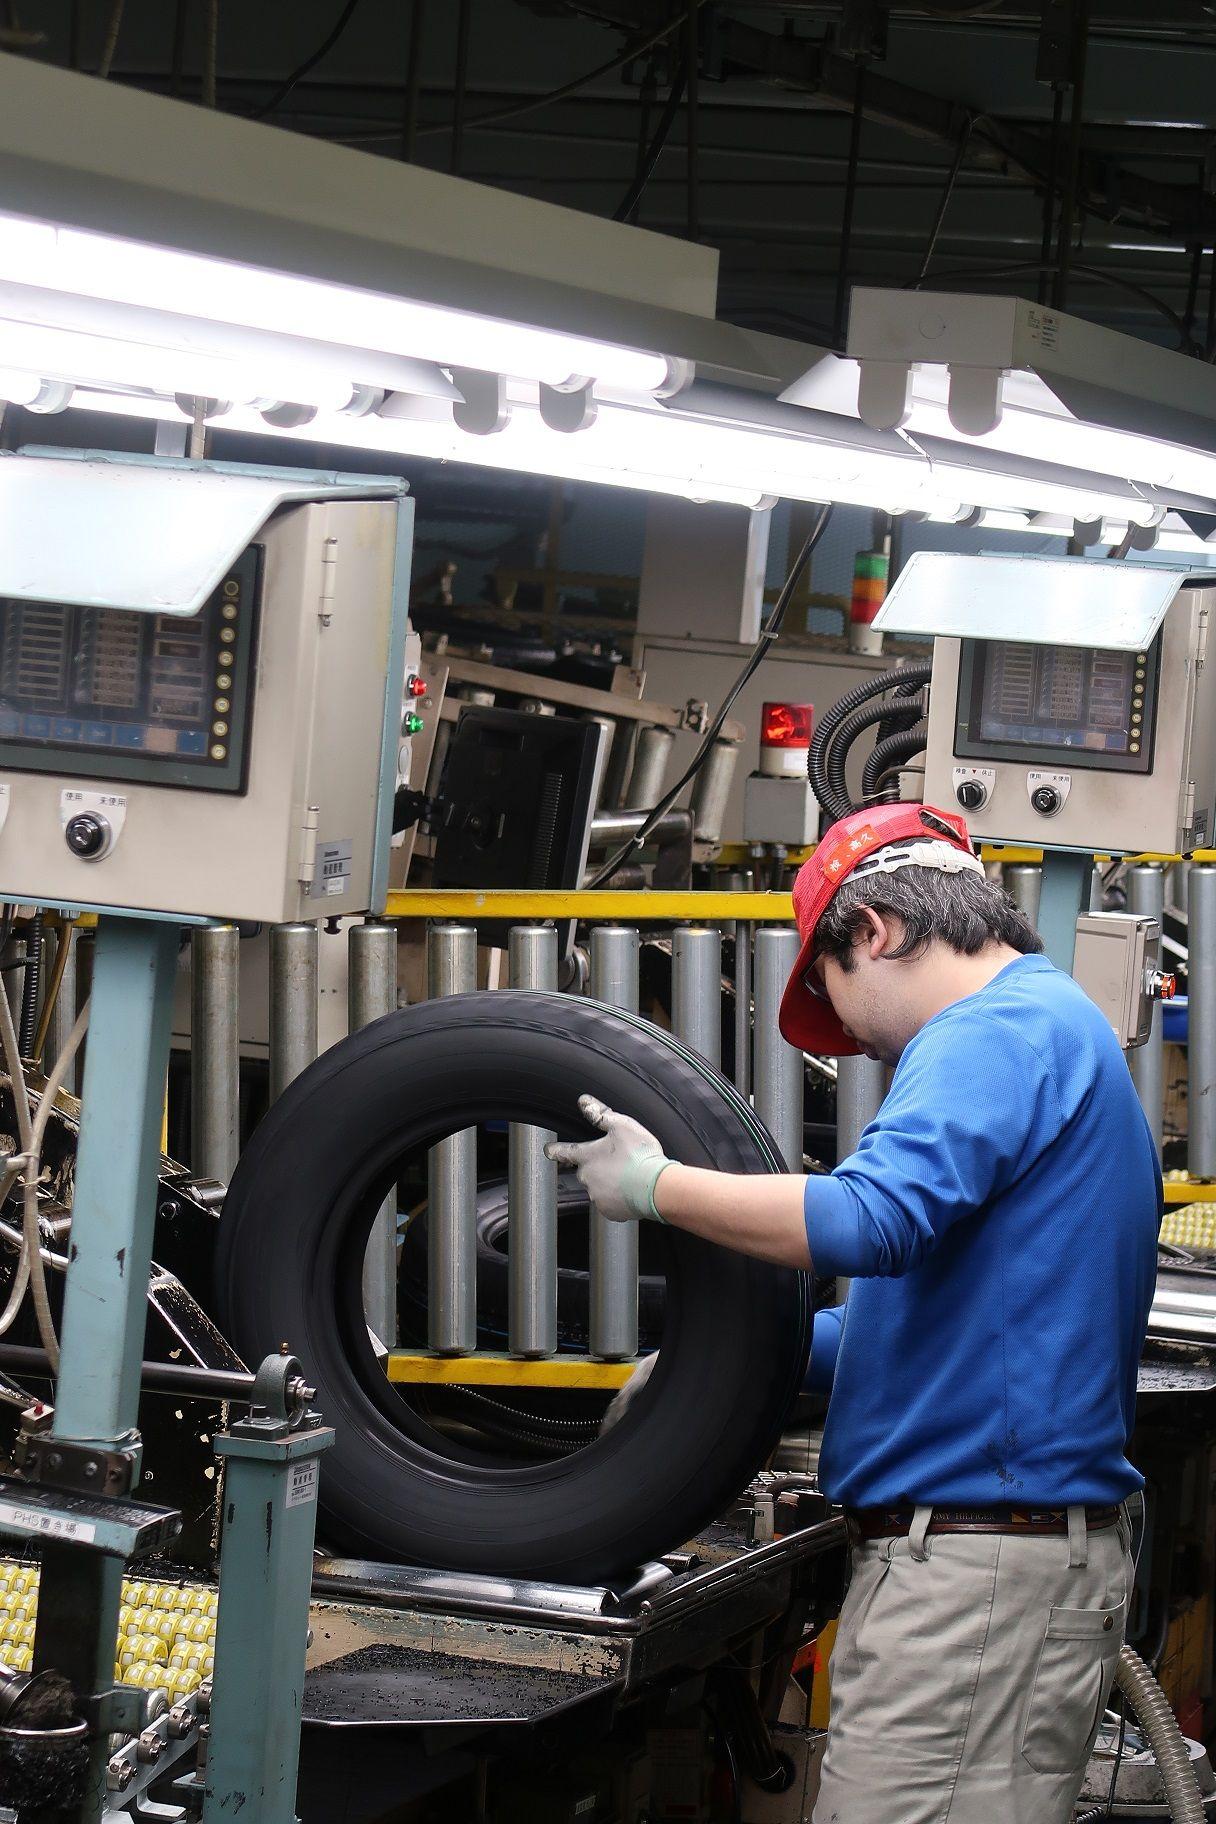 ブリヂストン、国内で再度生産調整 自動車用は7工場 コロナでタイヤ需要減